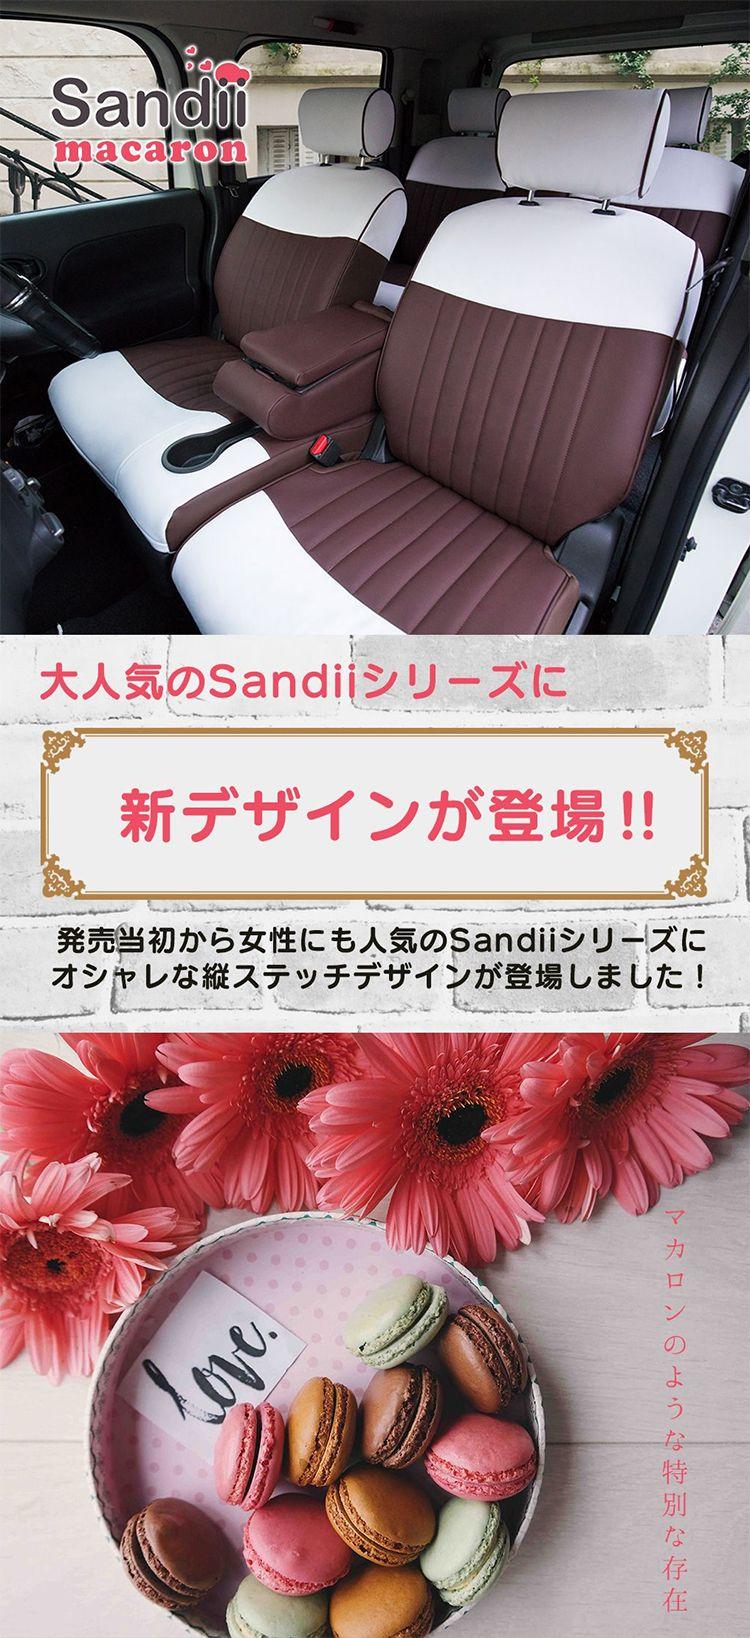 大人気のSandiiシリーズに新デザインが登場!!発売当初から女性にも人気のSandiiシリーズにオシャレな縦ステッチデザインが登場しました!